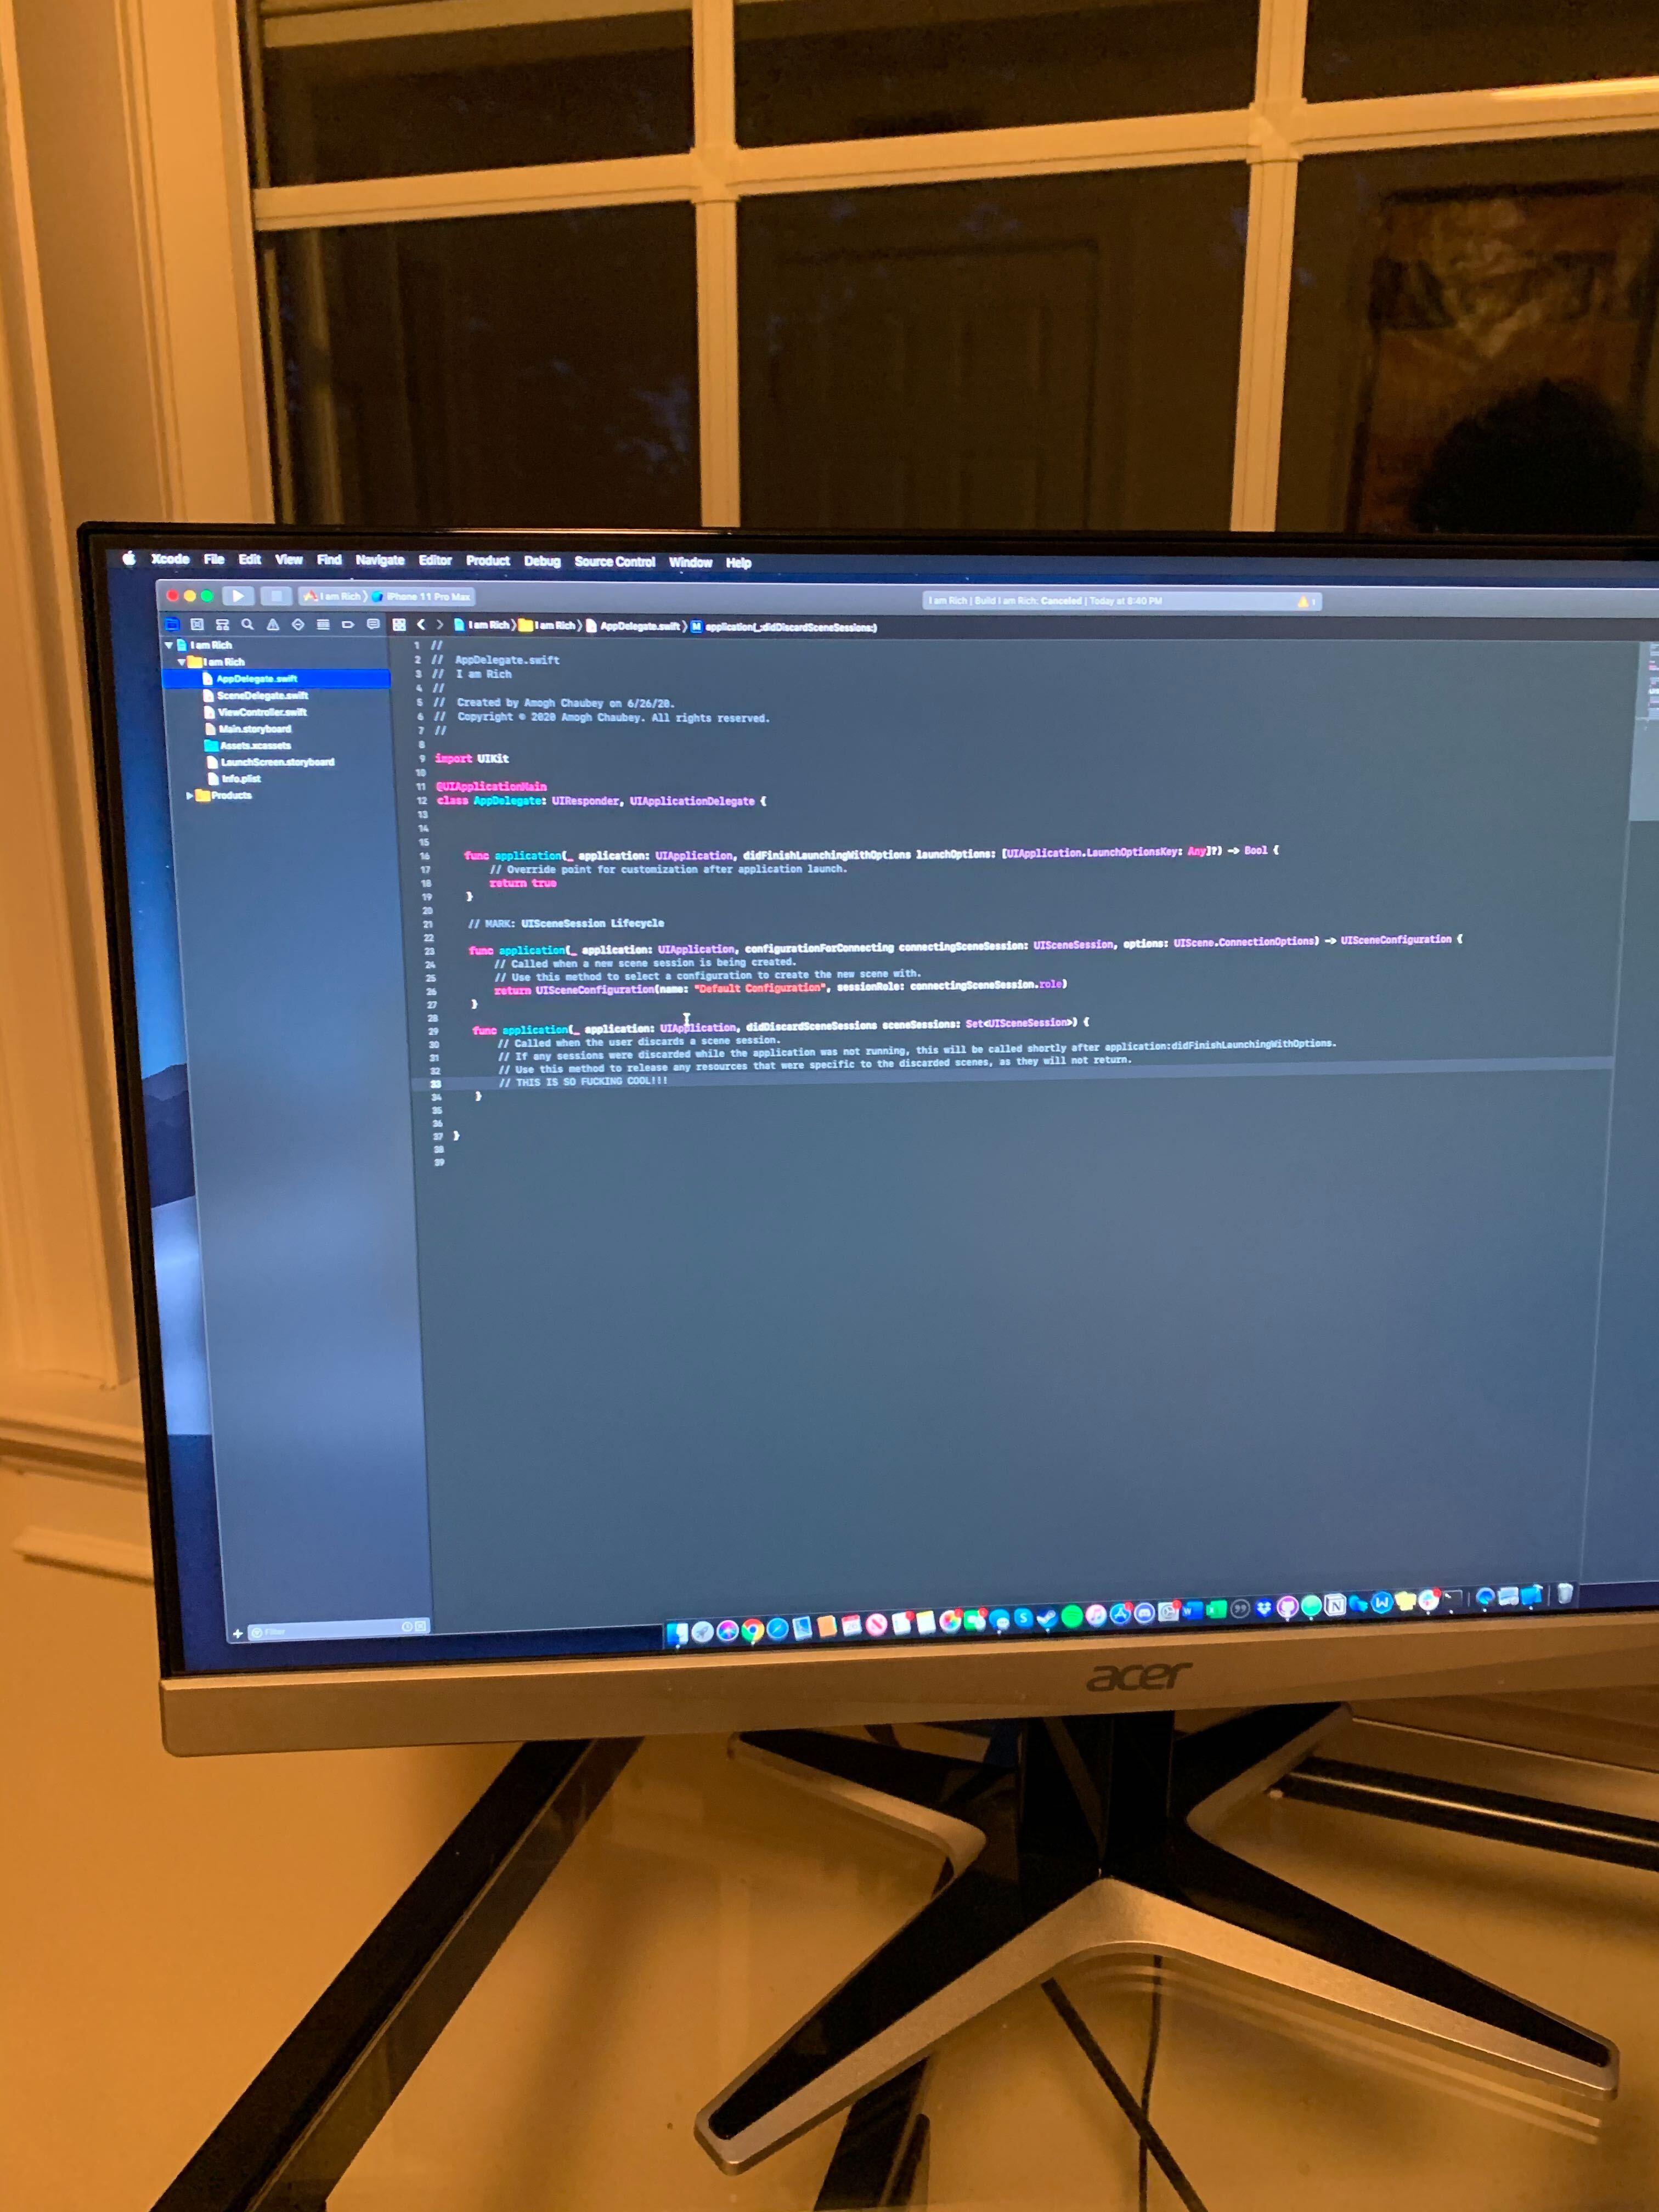 https://cloud-33txphwf4.vercel.app/0image_from_ios.jpg